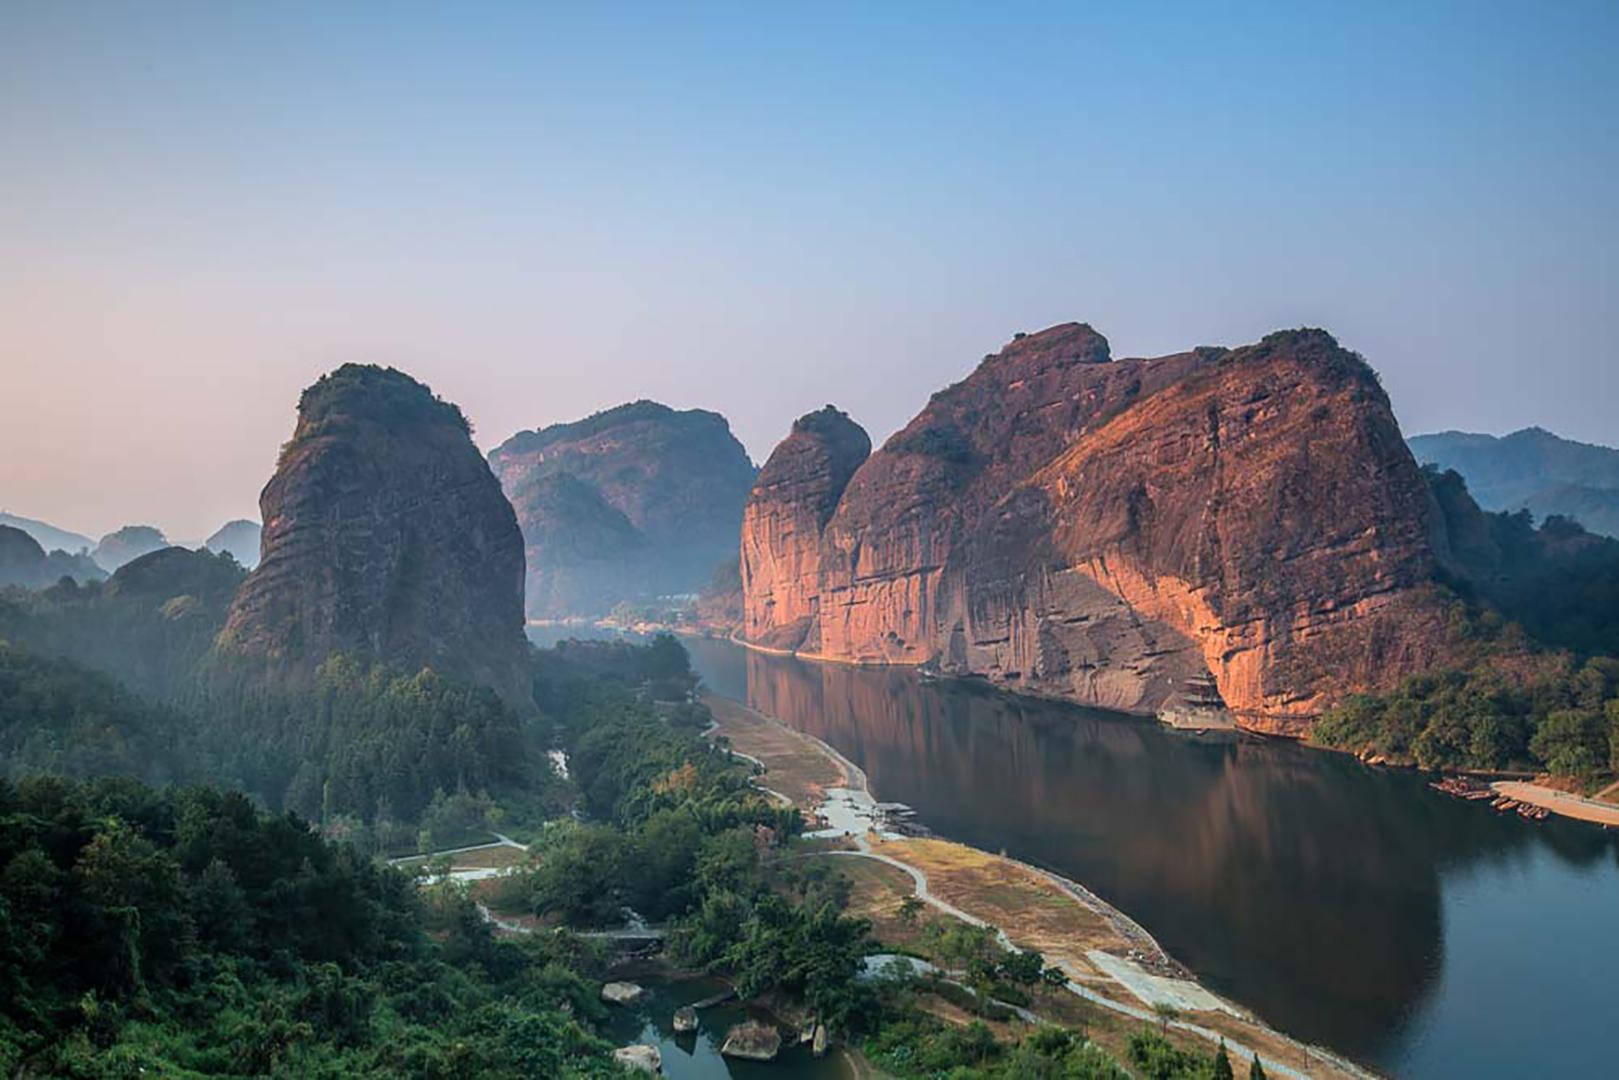 江西省十大必去旅游景点,婺源风景如画庐山瀑布似银河